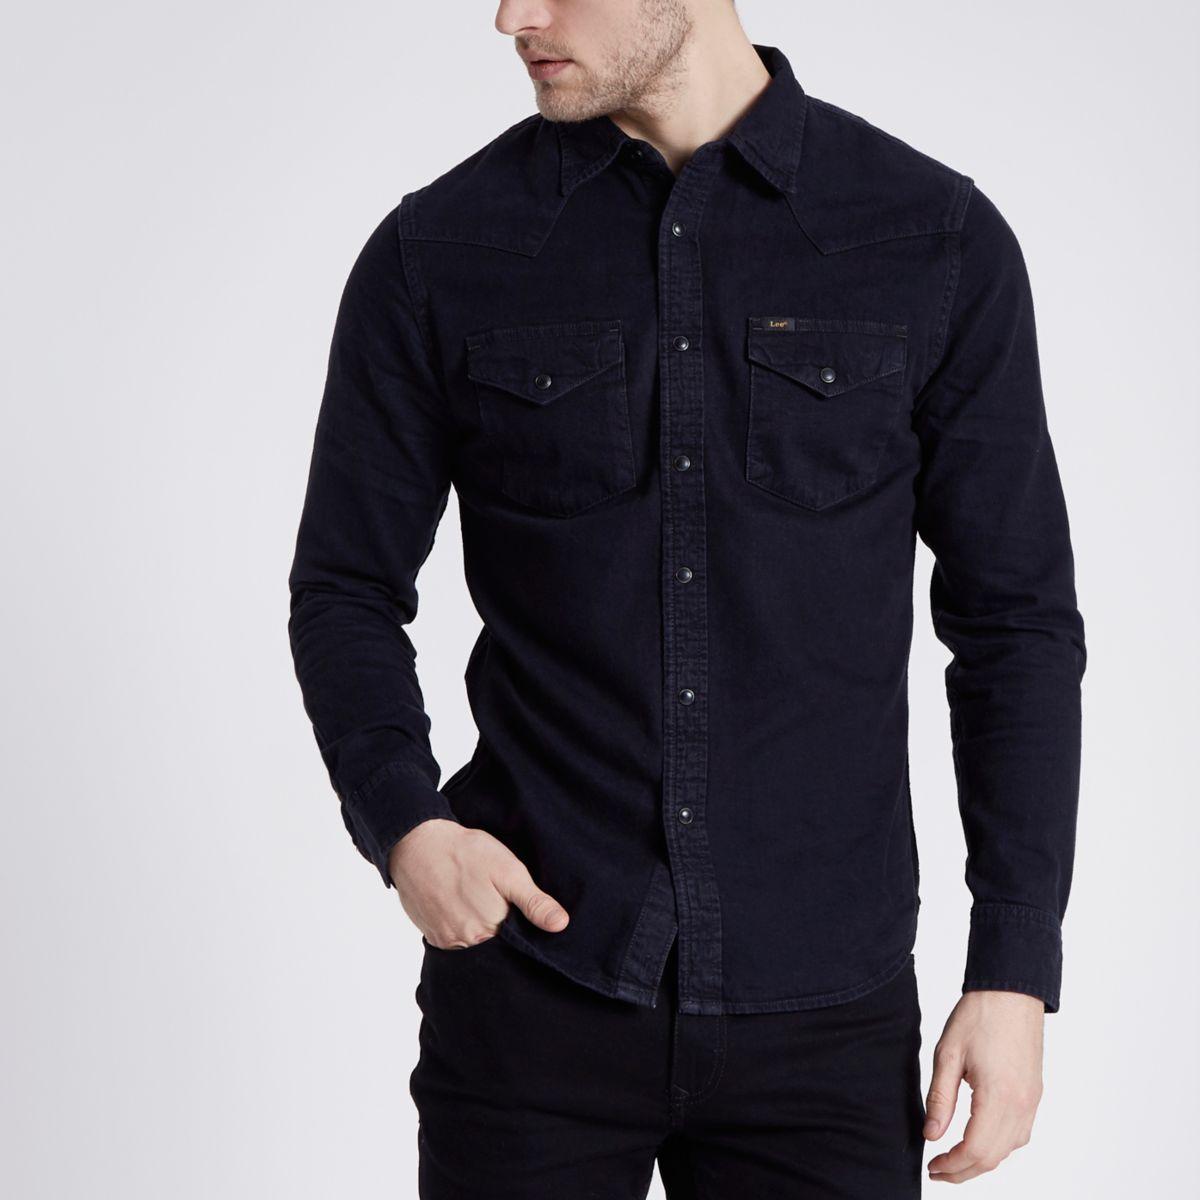 Lee – Chemise en jean slim noire style Western